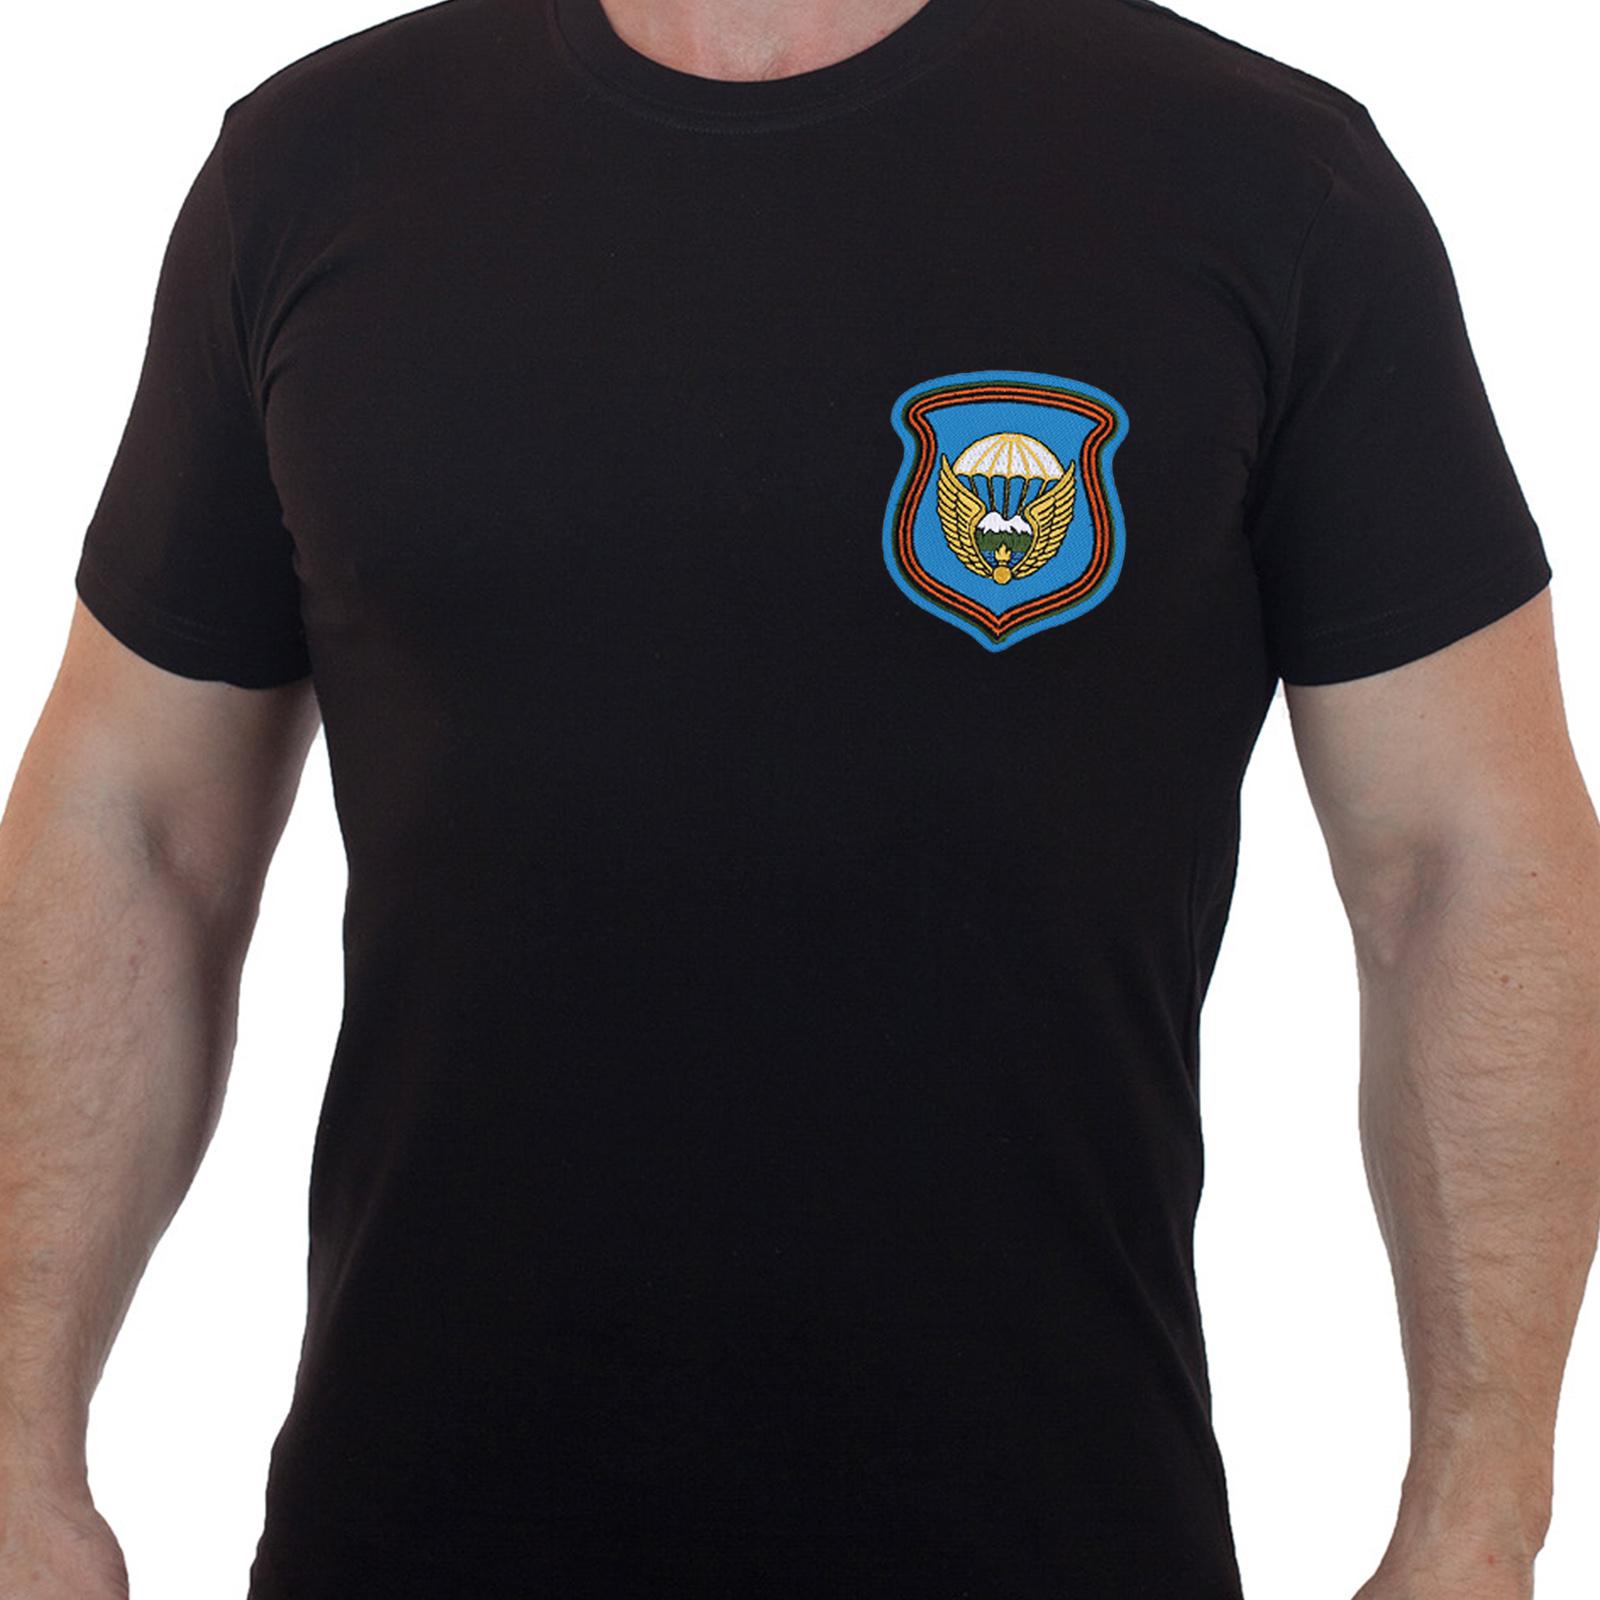 Лаконичная футболка с вышитой эмблемой 7 гв. ДШД - купить онлайн